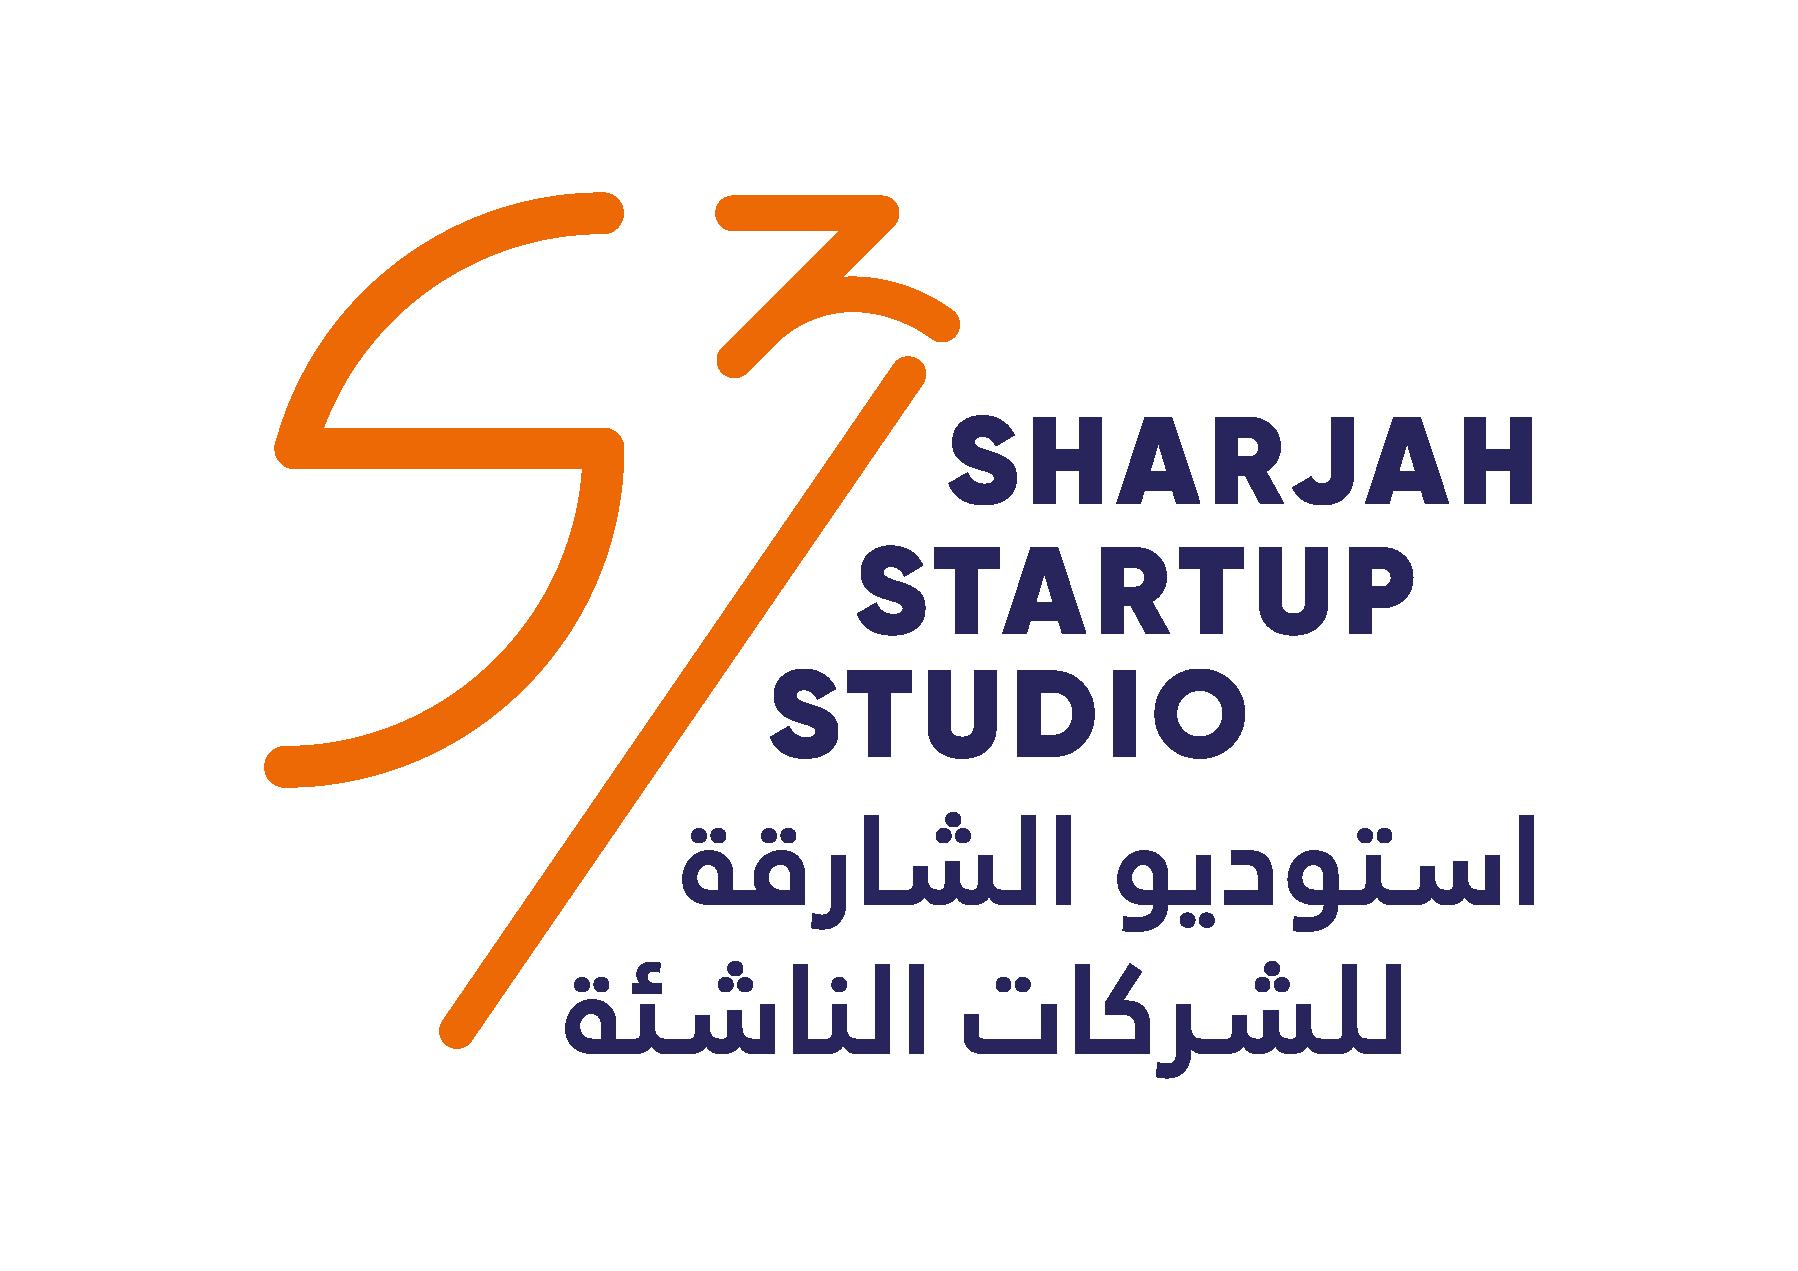 Sheraa launches startup studio S3